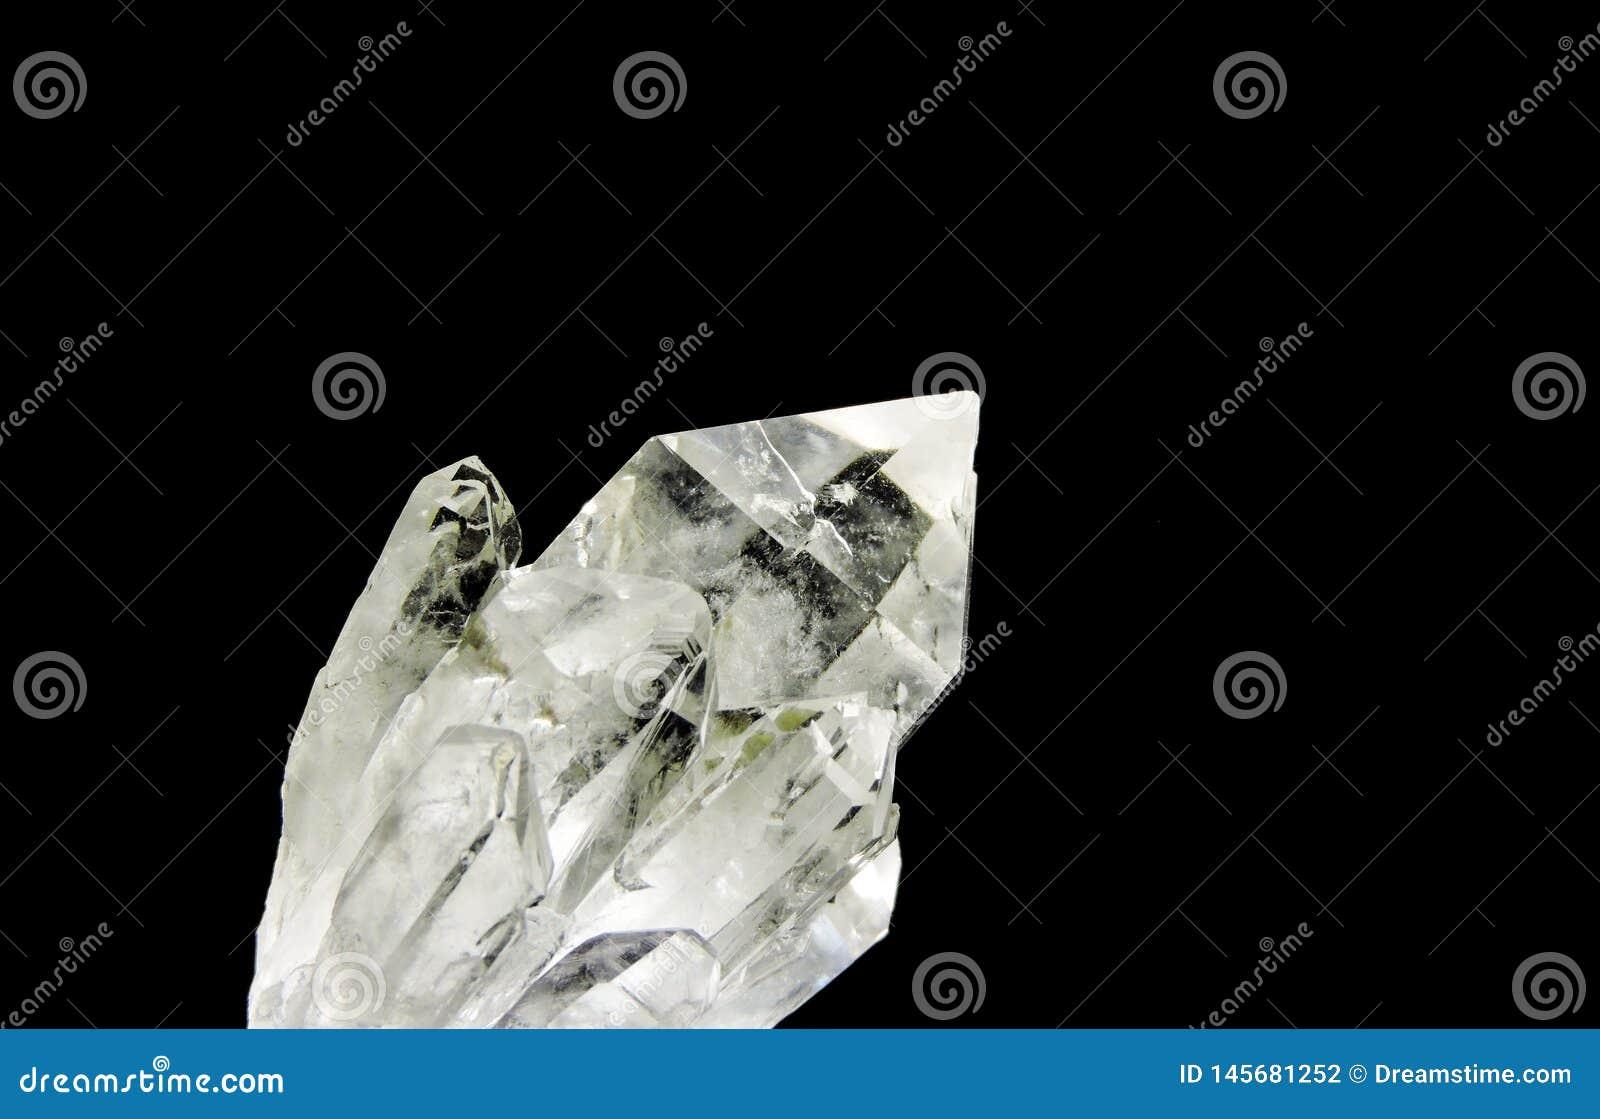 Lense macro claro del cristal de cuarzo